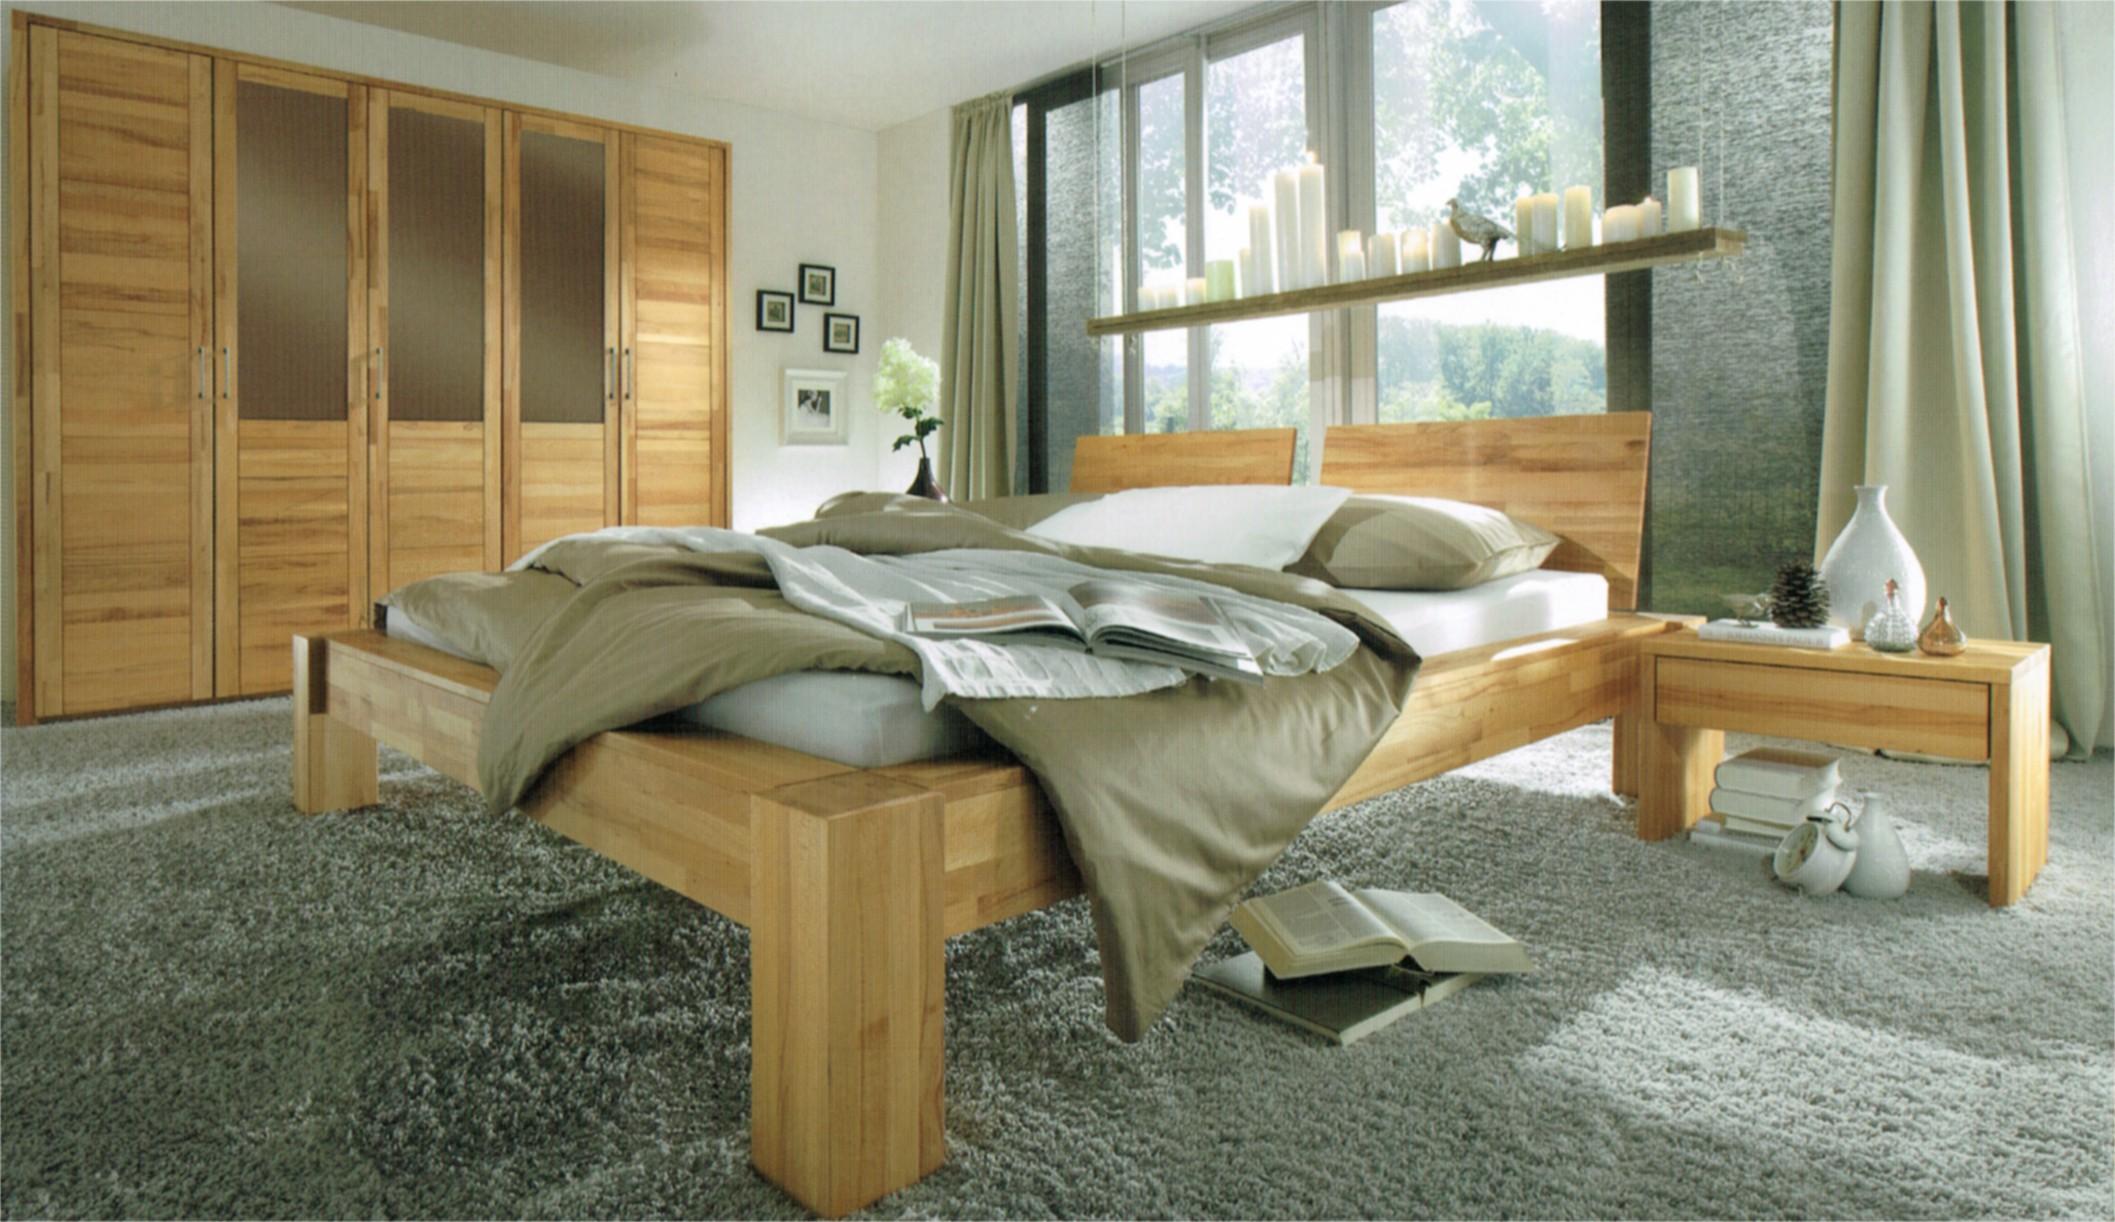 naturbelassene massivholzbetten massivholzschlafzimmer in, Schlafzimmer entwurf